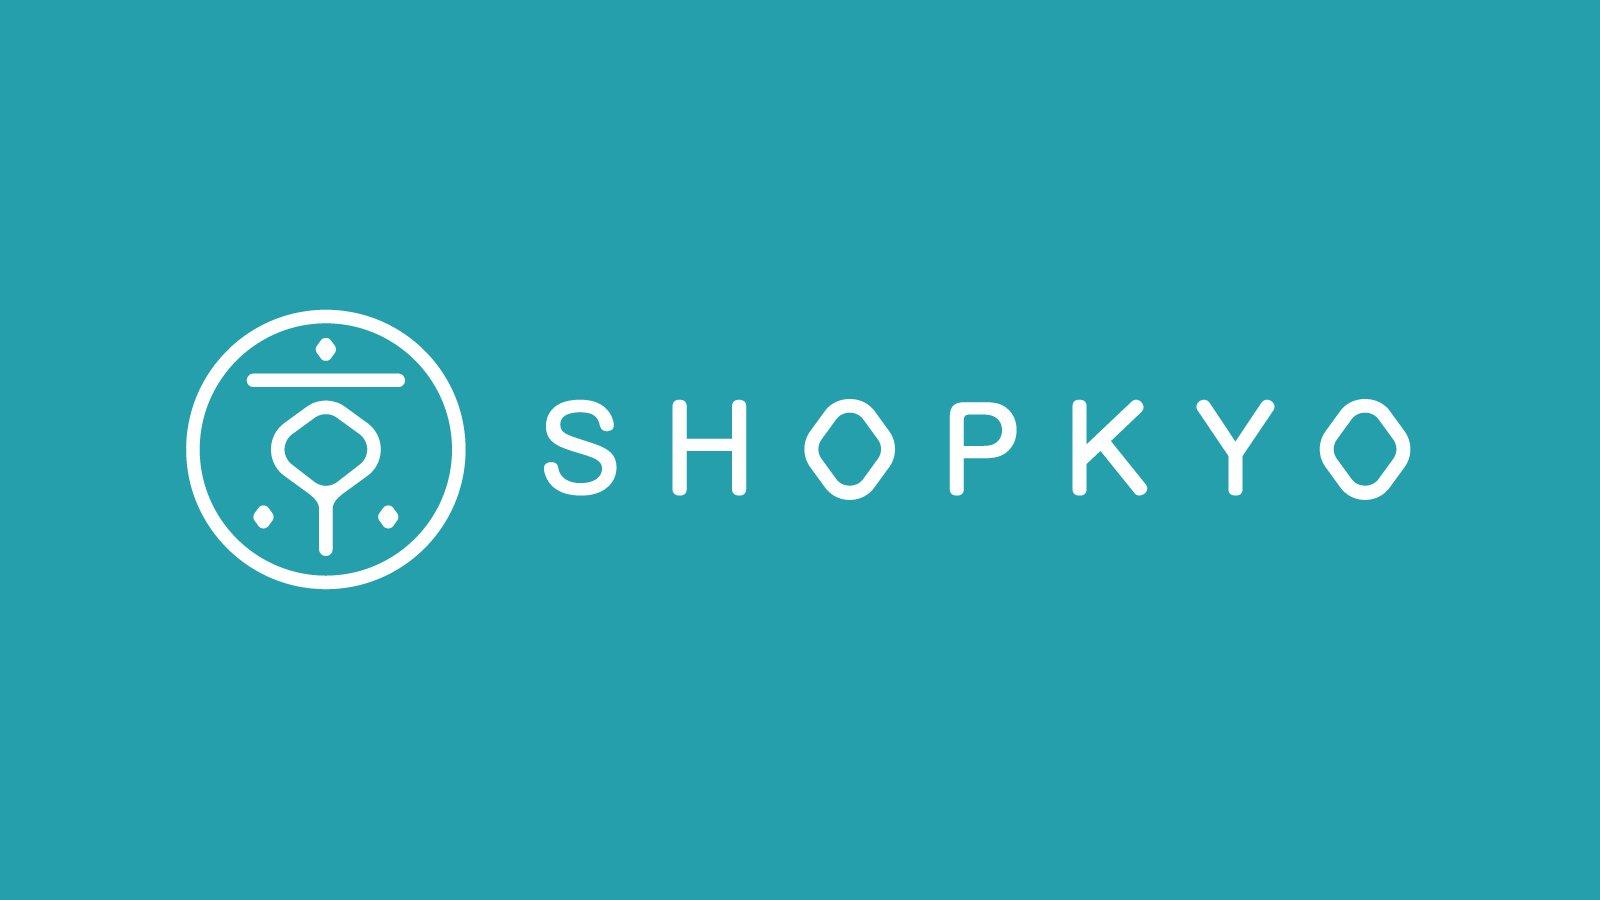 Shopkyo - HKTDC.jpg